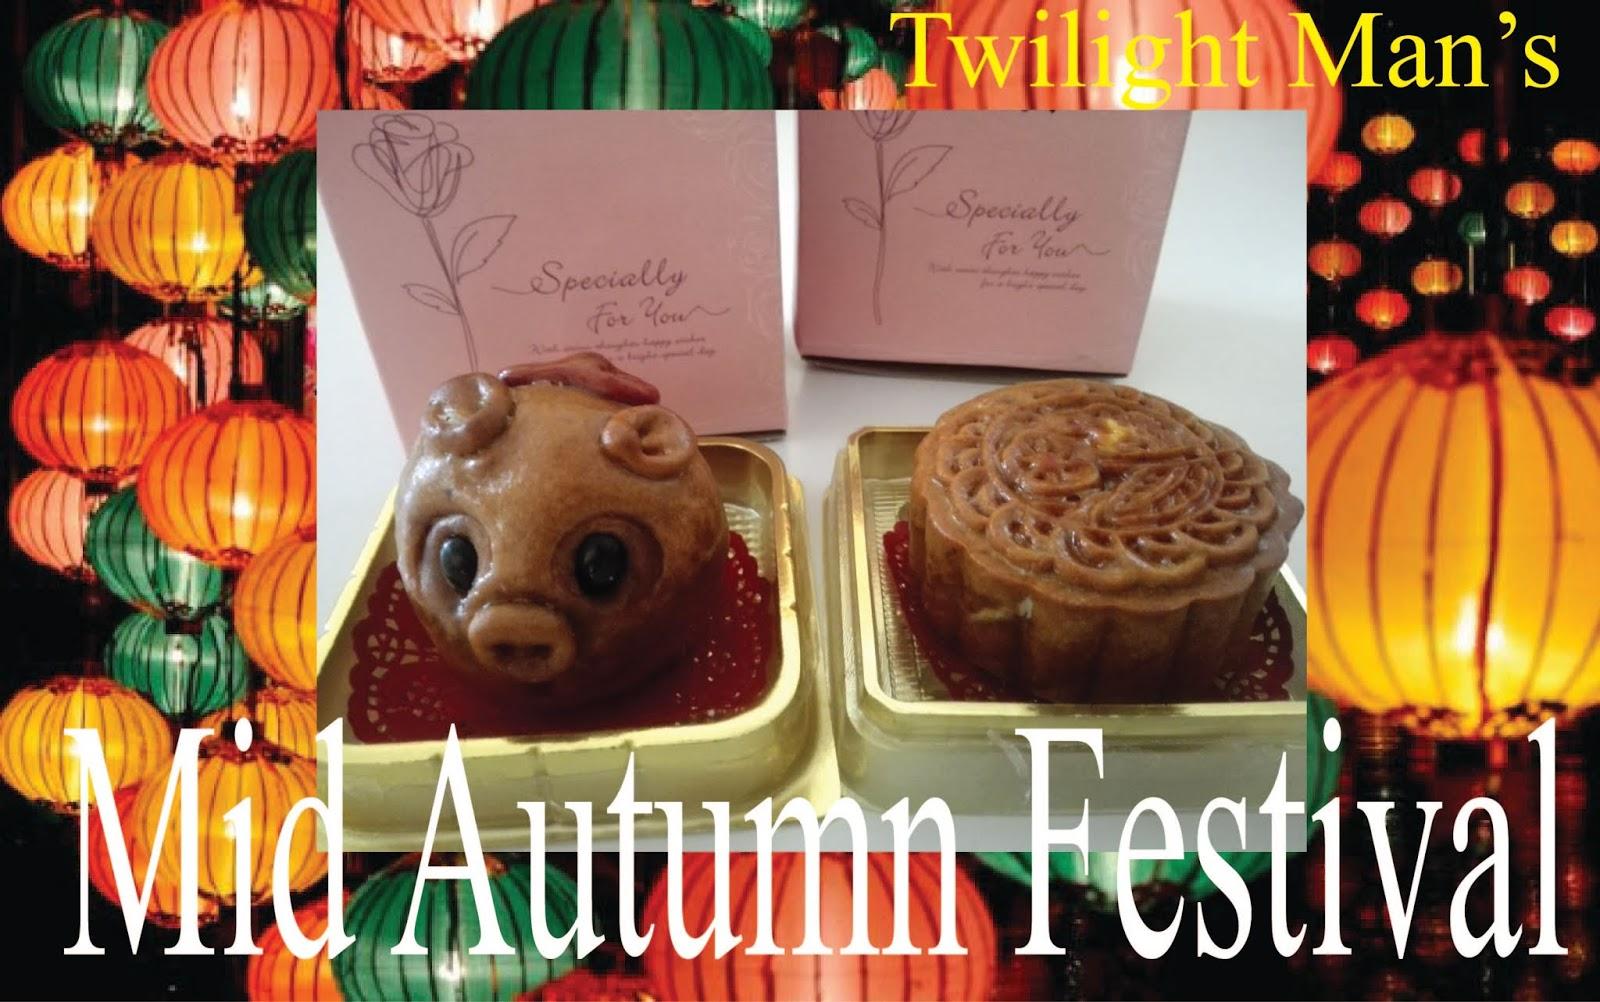 Twilight Zone: Mid Autumn Festival - 24 September 2018